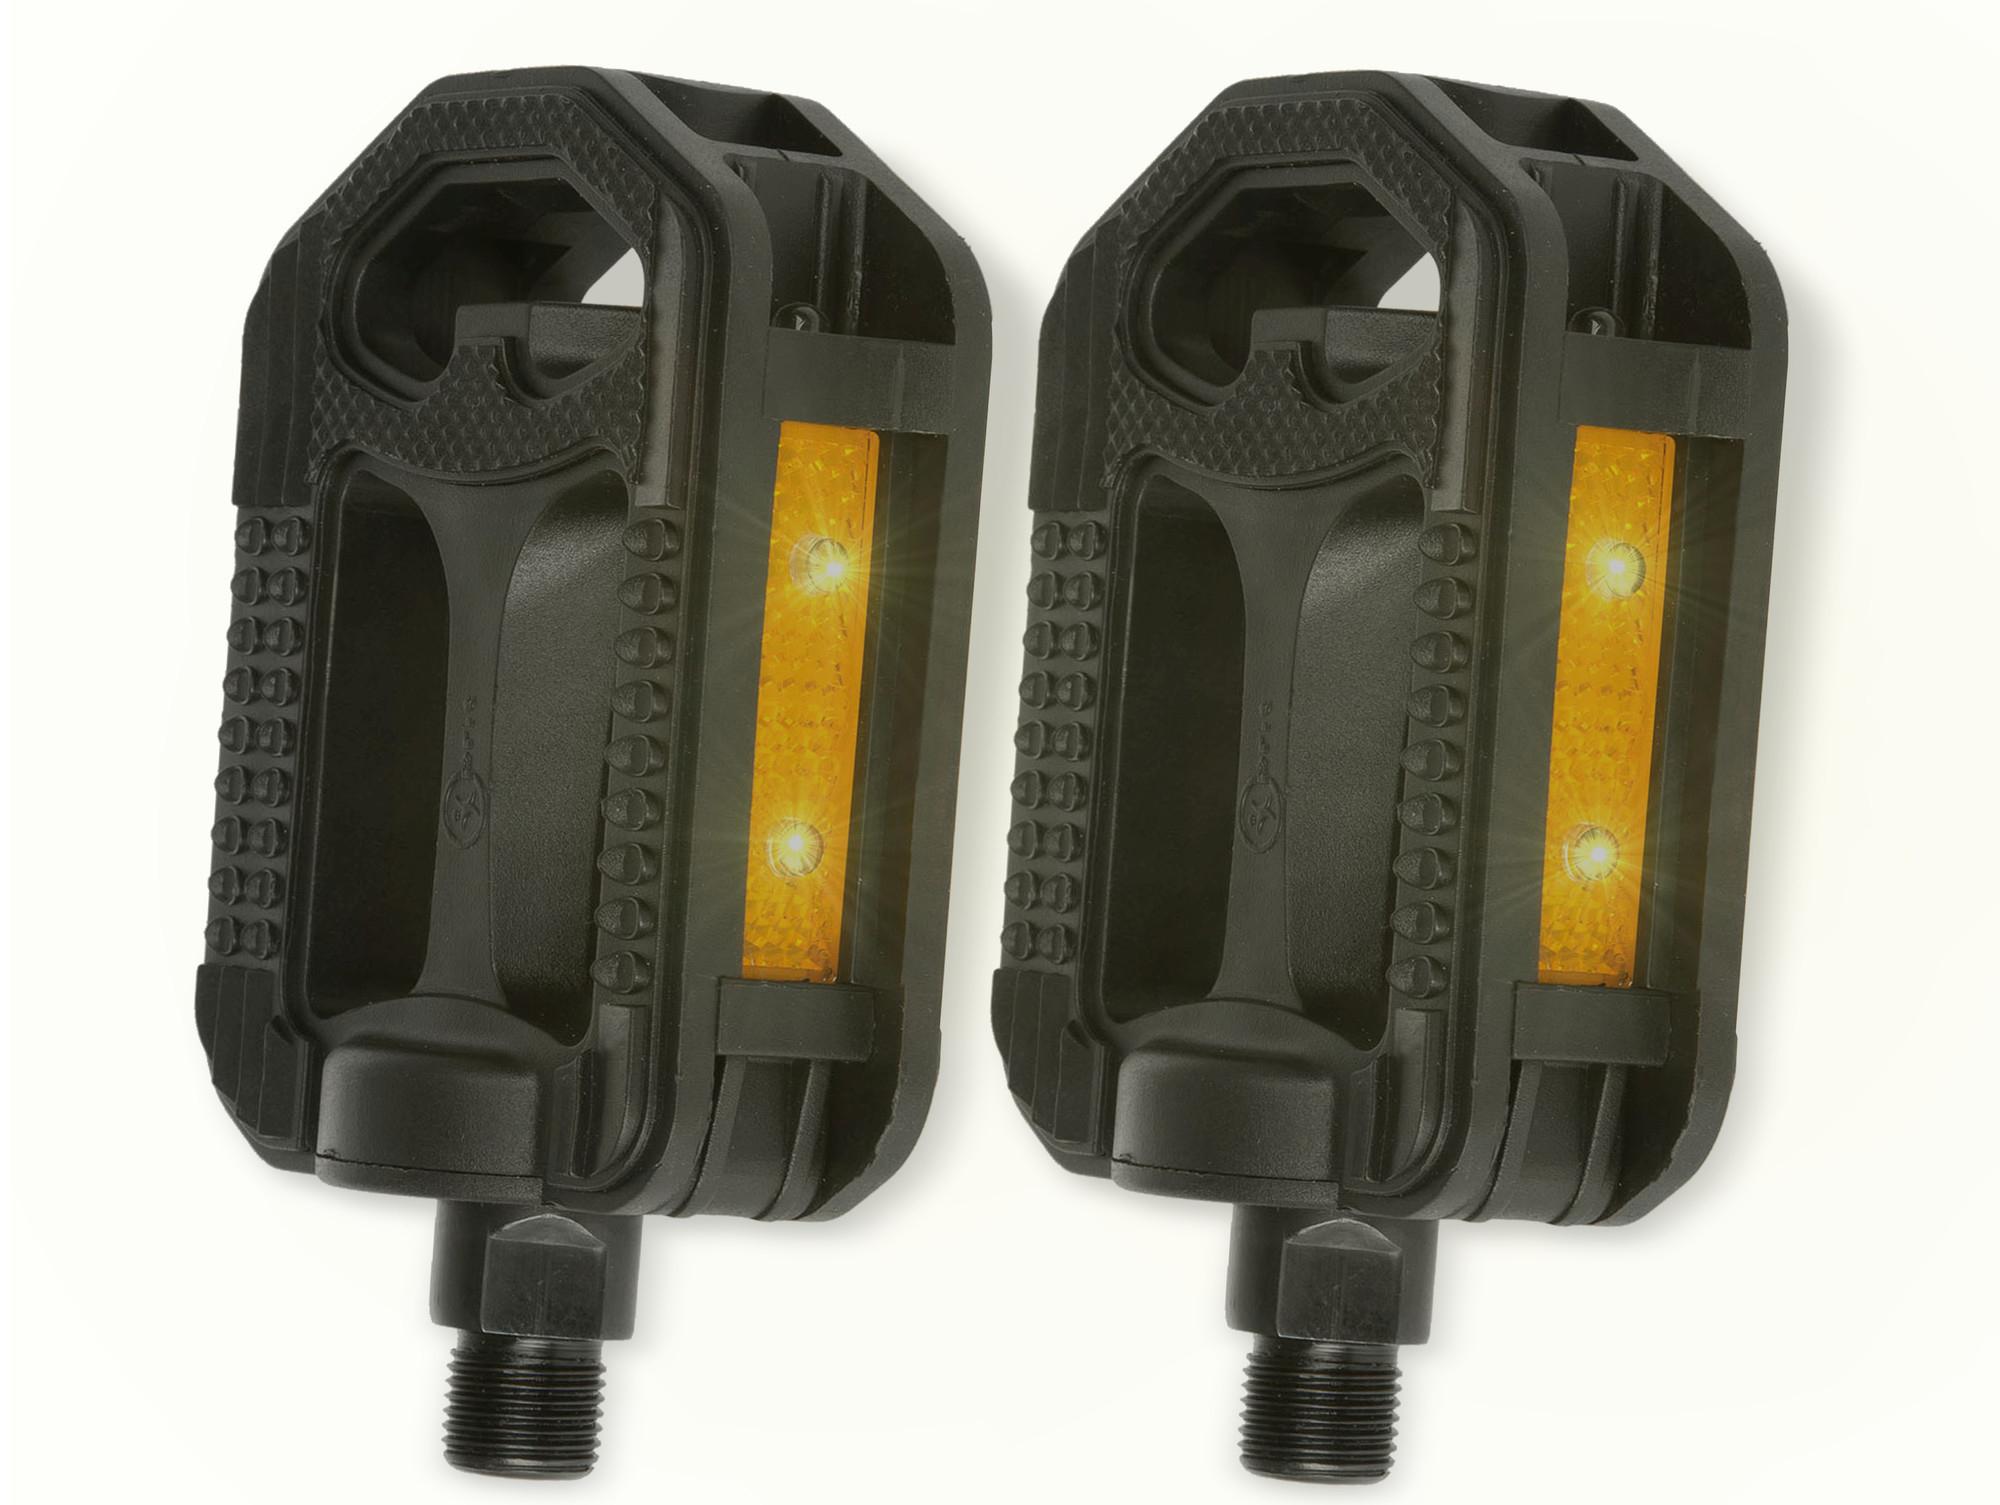 Pedalsatz mit Blinkfunktion für Gokart DINO CARS Bild 1